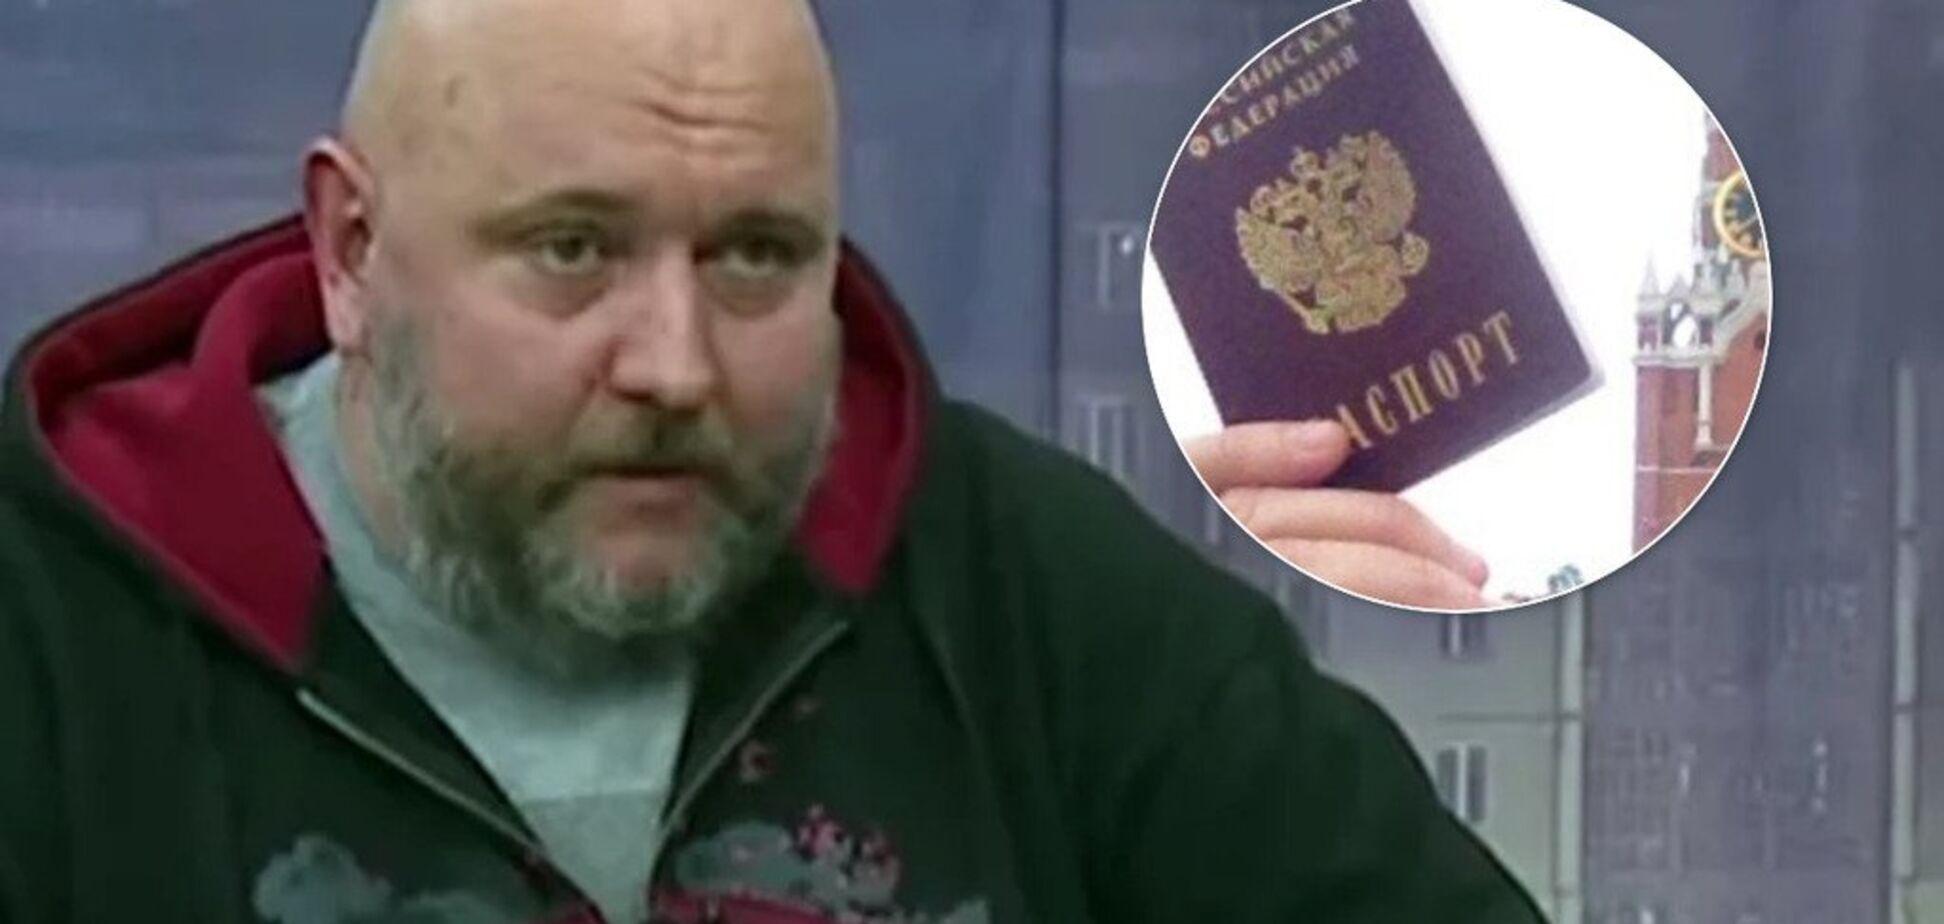 Ексспівробітник 'Шахтаря' отримав паспорт Росії та був зацькований у мережі